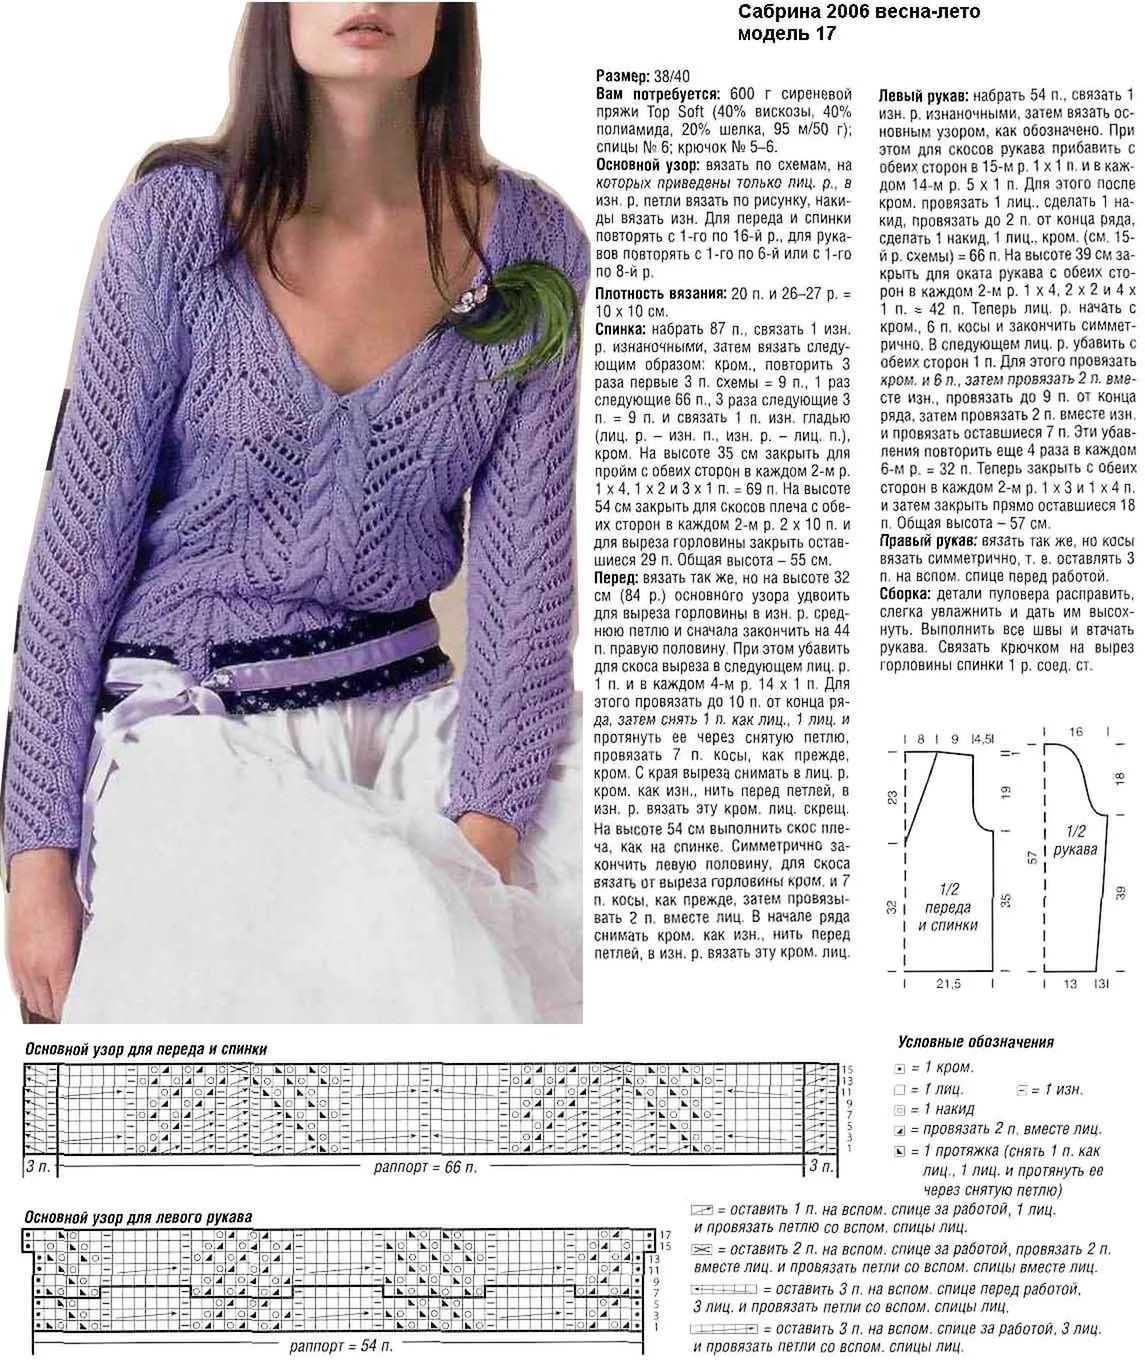 сорт модные вязанные кофты женские спицами фото и схемы используется преимущественно балконных